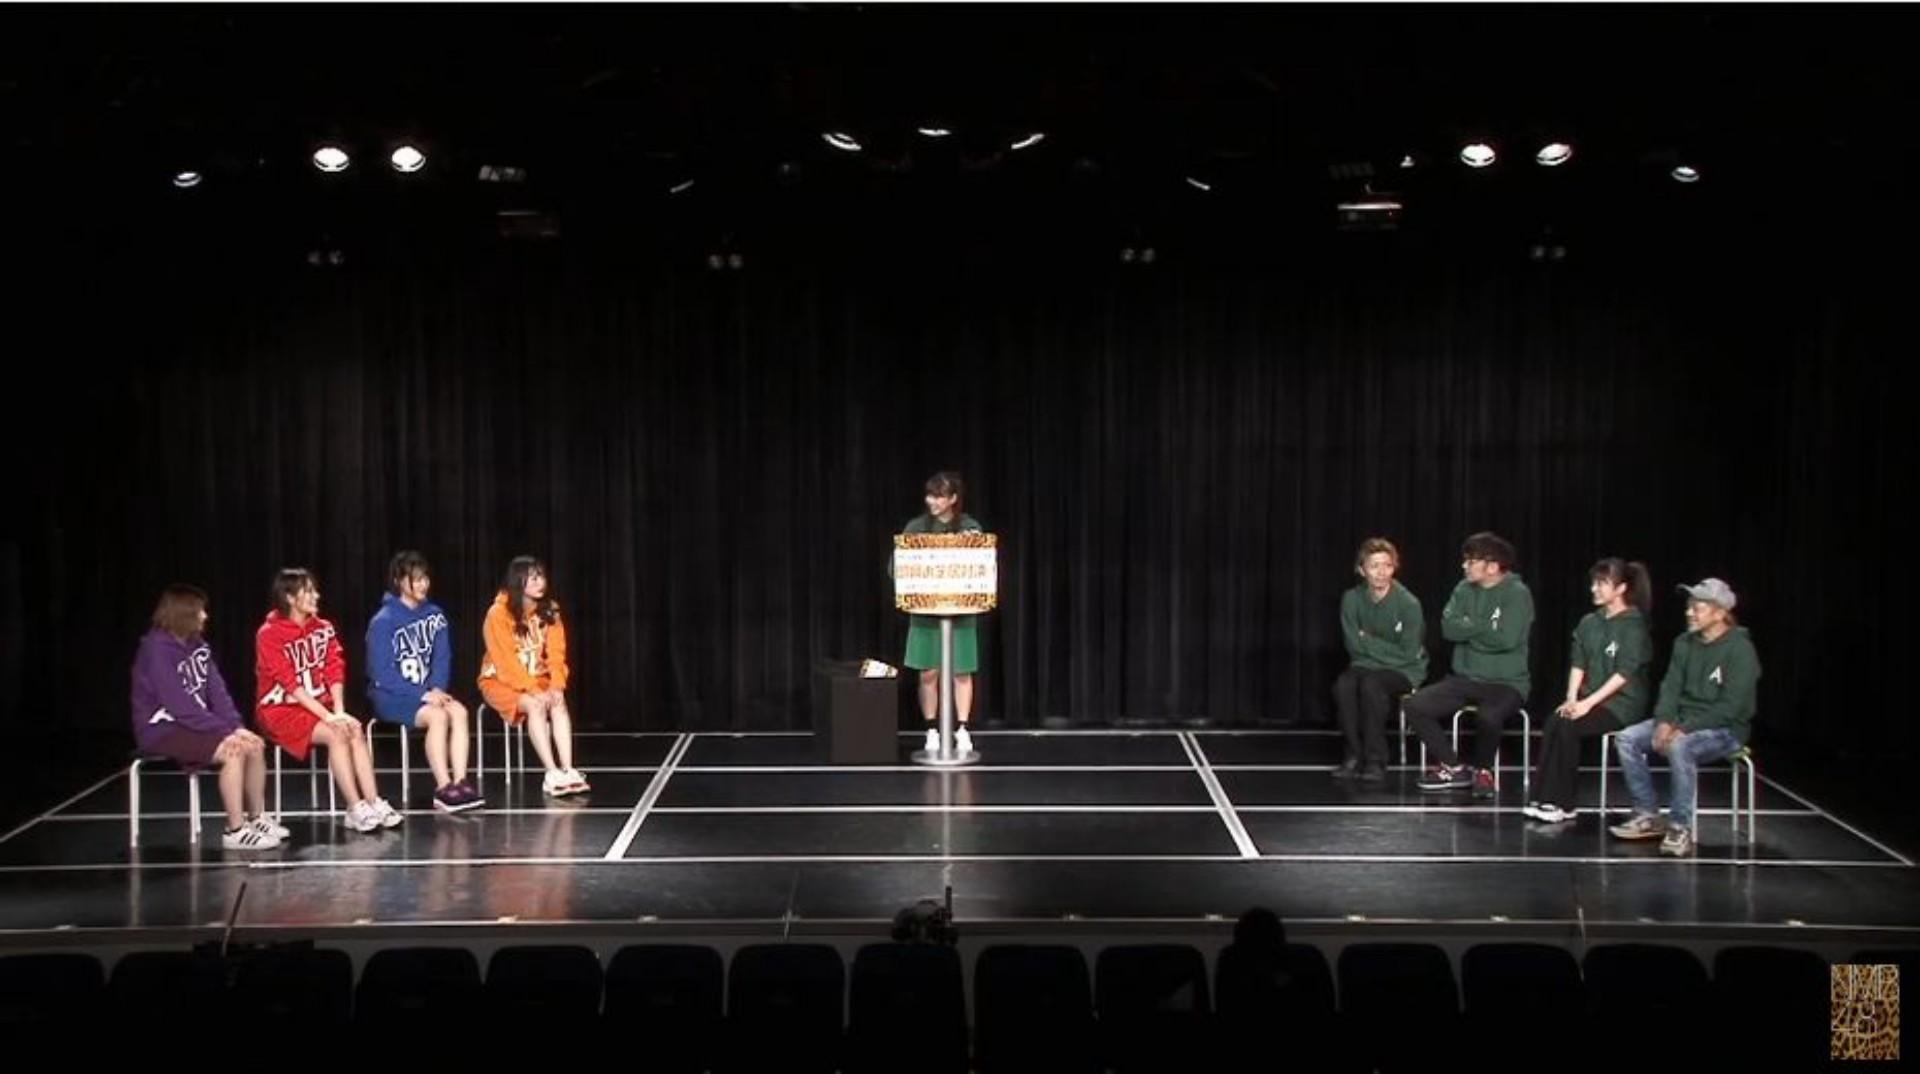 【NMB48】2020.3.8「舞台「ANSWER」×だんさぶる!第1部」の画像